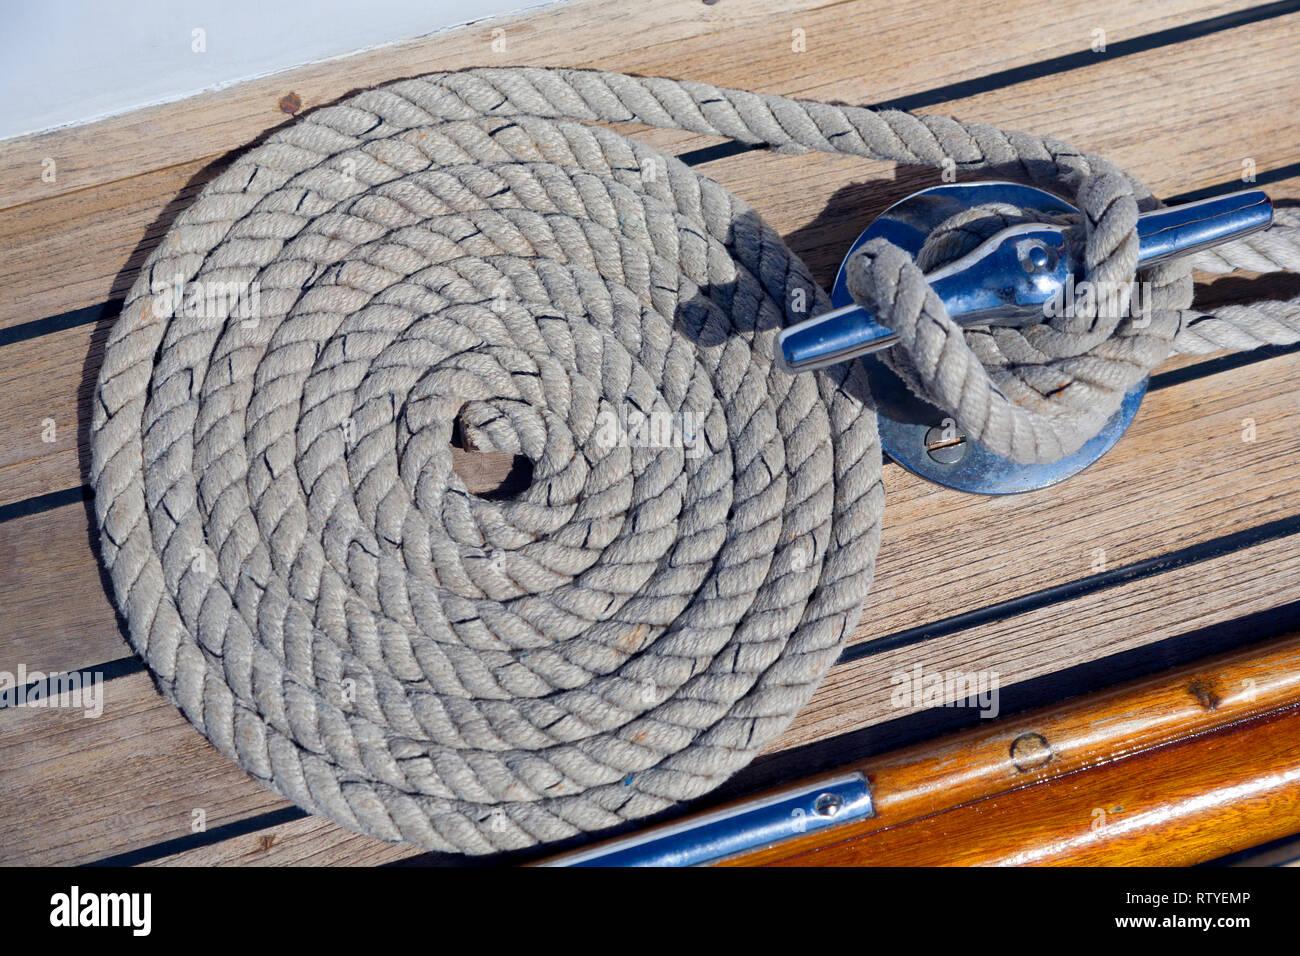 Classic, barco, yate, enrolladas, cuerda, cubierta, hoja, mordaza, Imagen De Stock